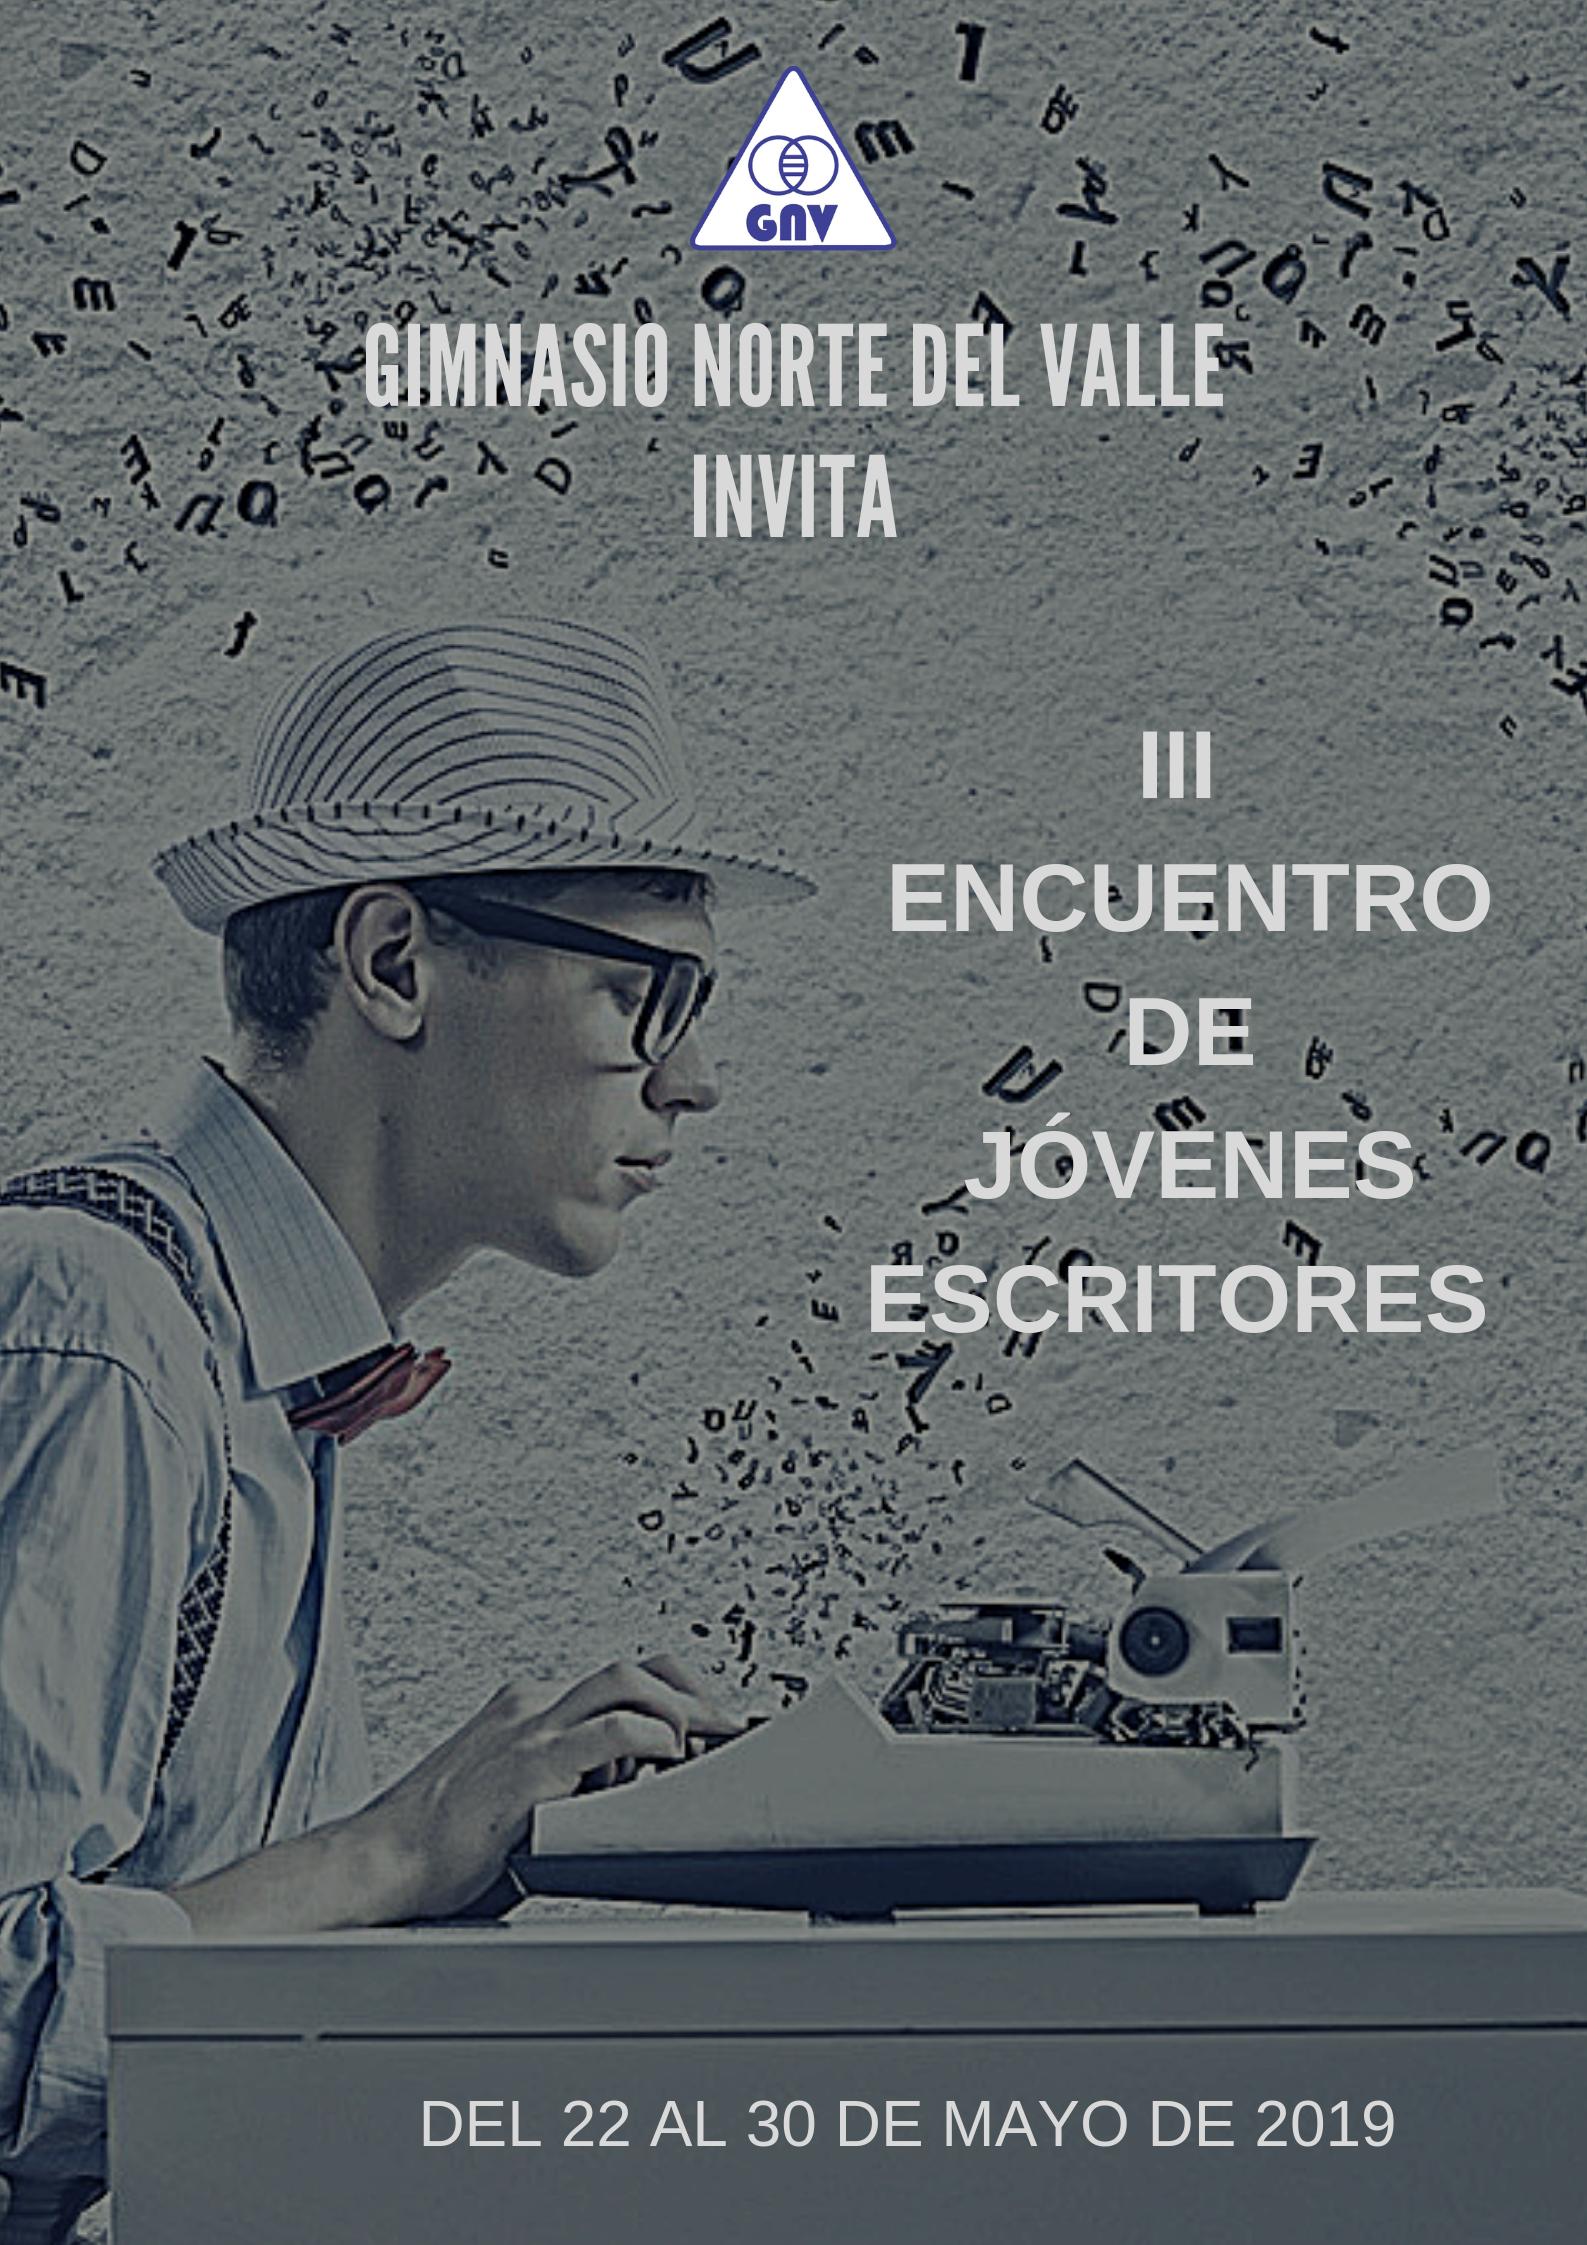 III ENCUENTRO DE JÓVENES ESCRITORES